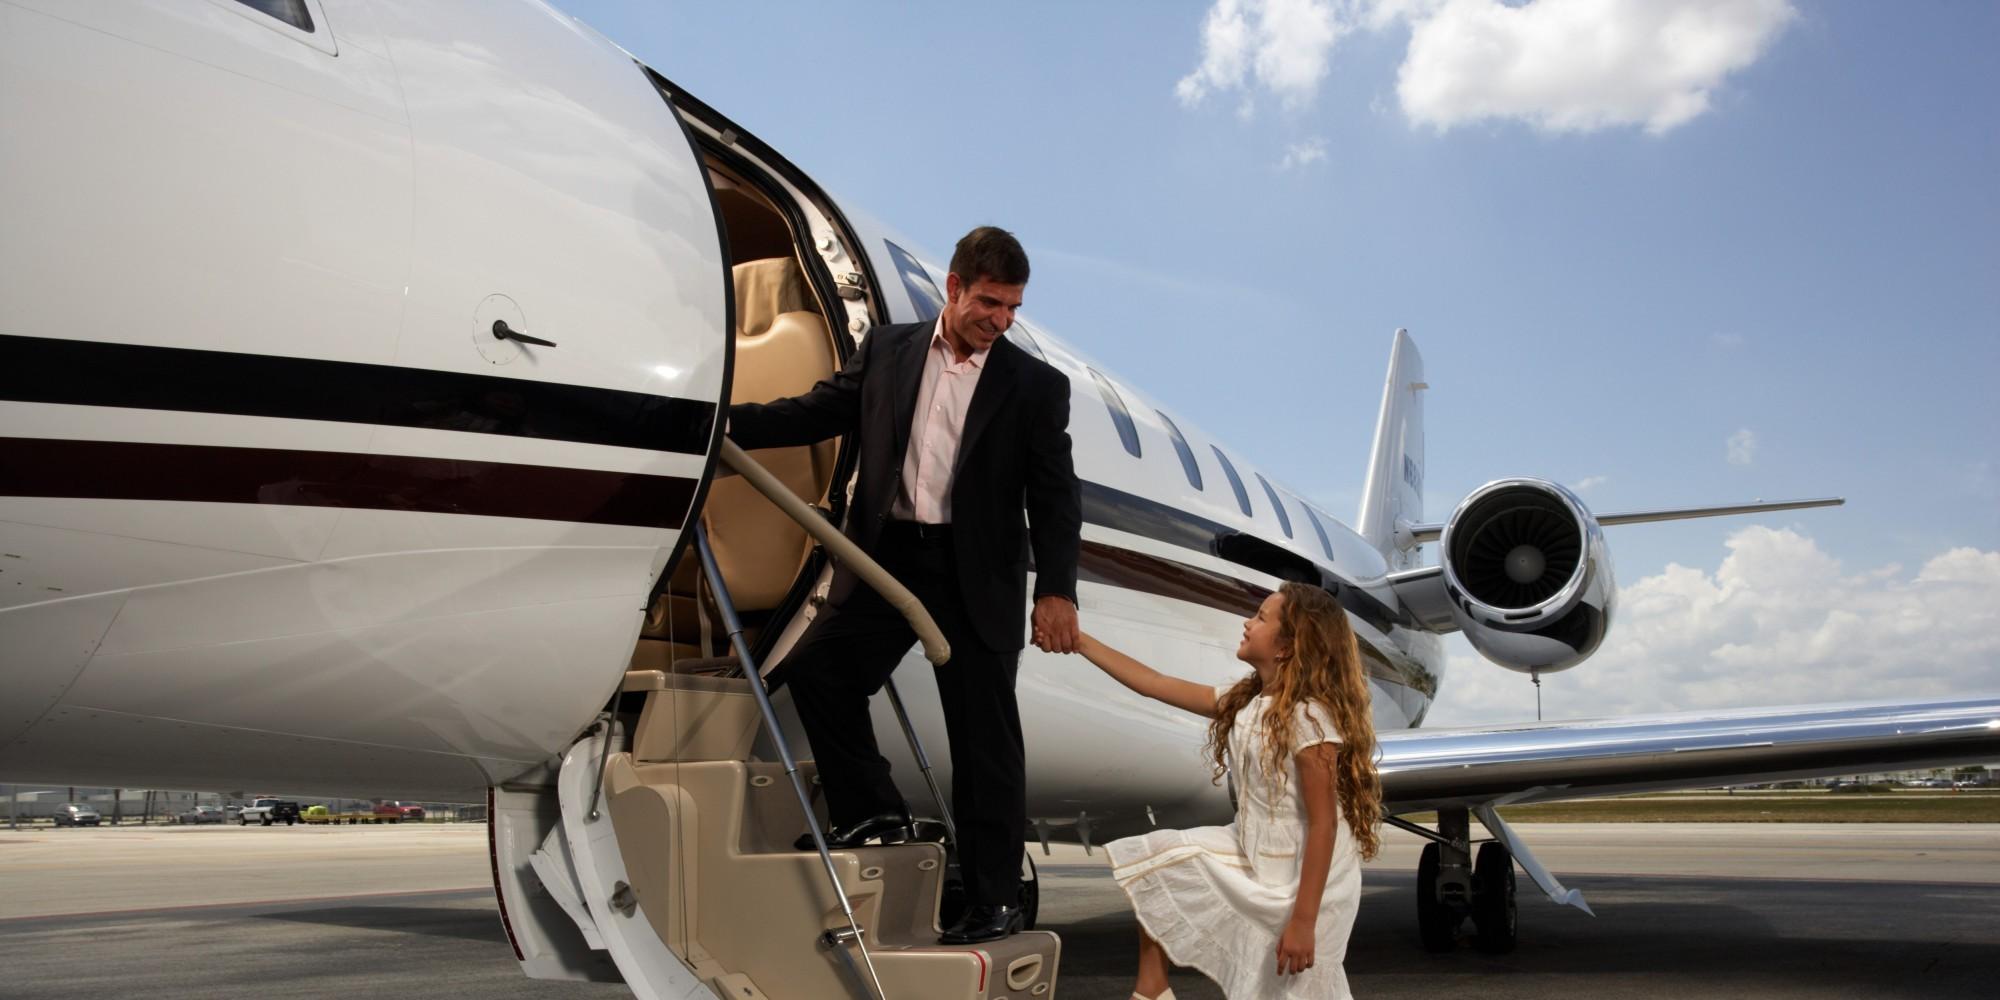 """nghỉ phép kiểu siêu giàu - photo 1 1547029263488854384962 - Nghỉ phép kiểu siêu giàu: Đốt cả triệu đô để có chuyến du lịch sinh tồn """"không đụng hàng"""""""